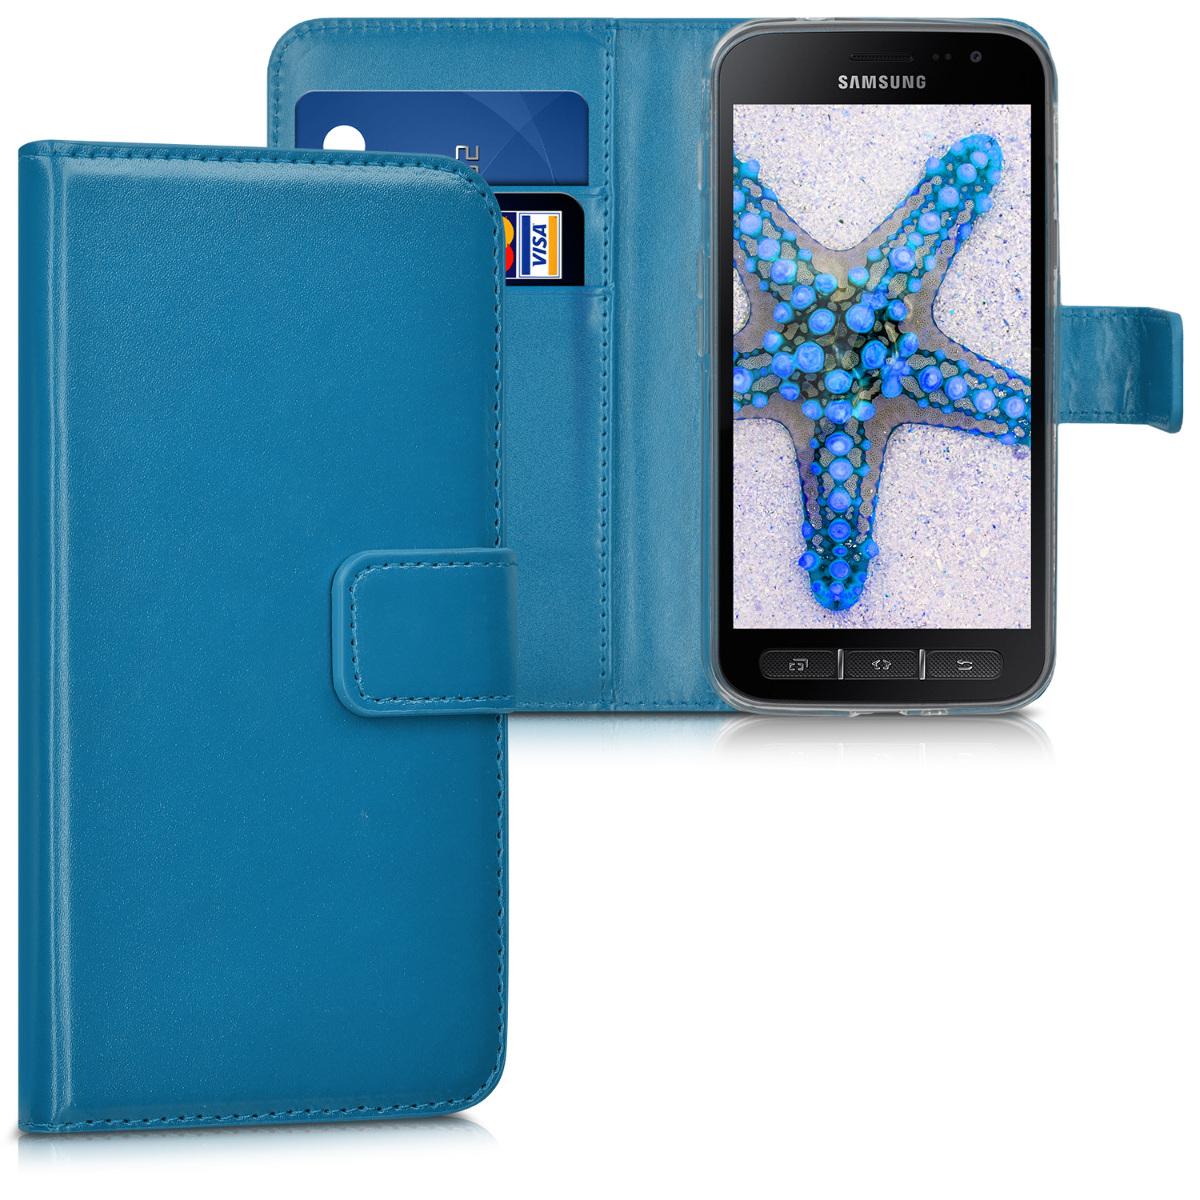 KW Θήκη - Πορτοφόλι Samsung Galaxy Xcover 4 - Συνθετικό δέρμα - Blue (41169.17)